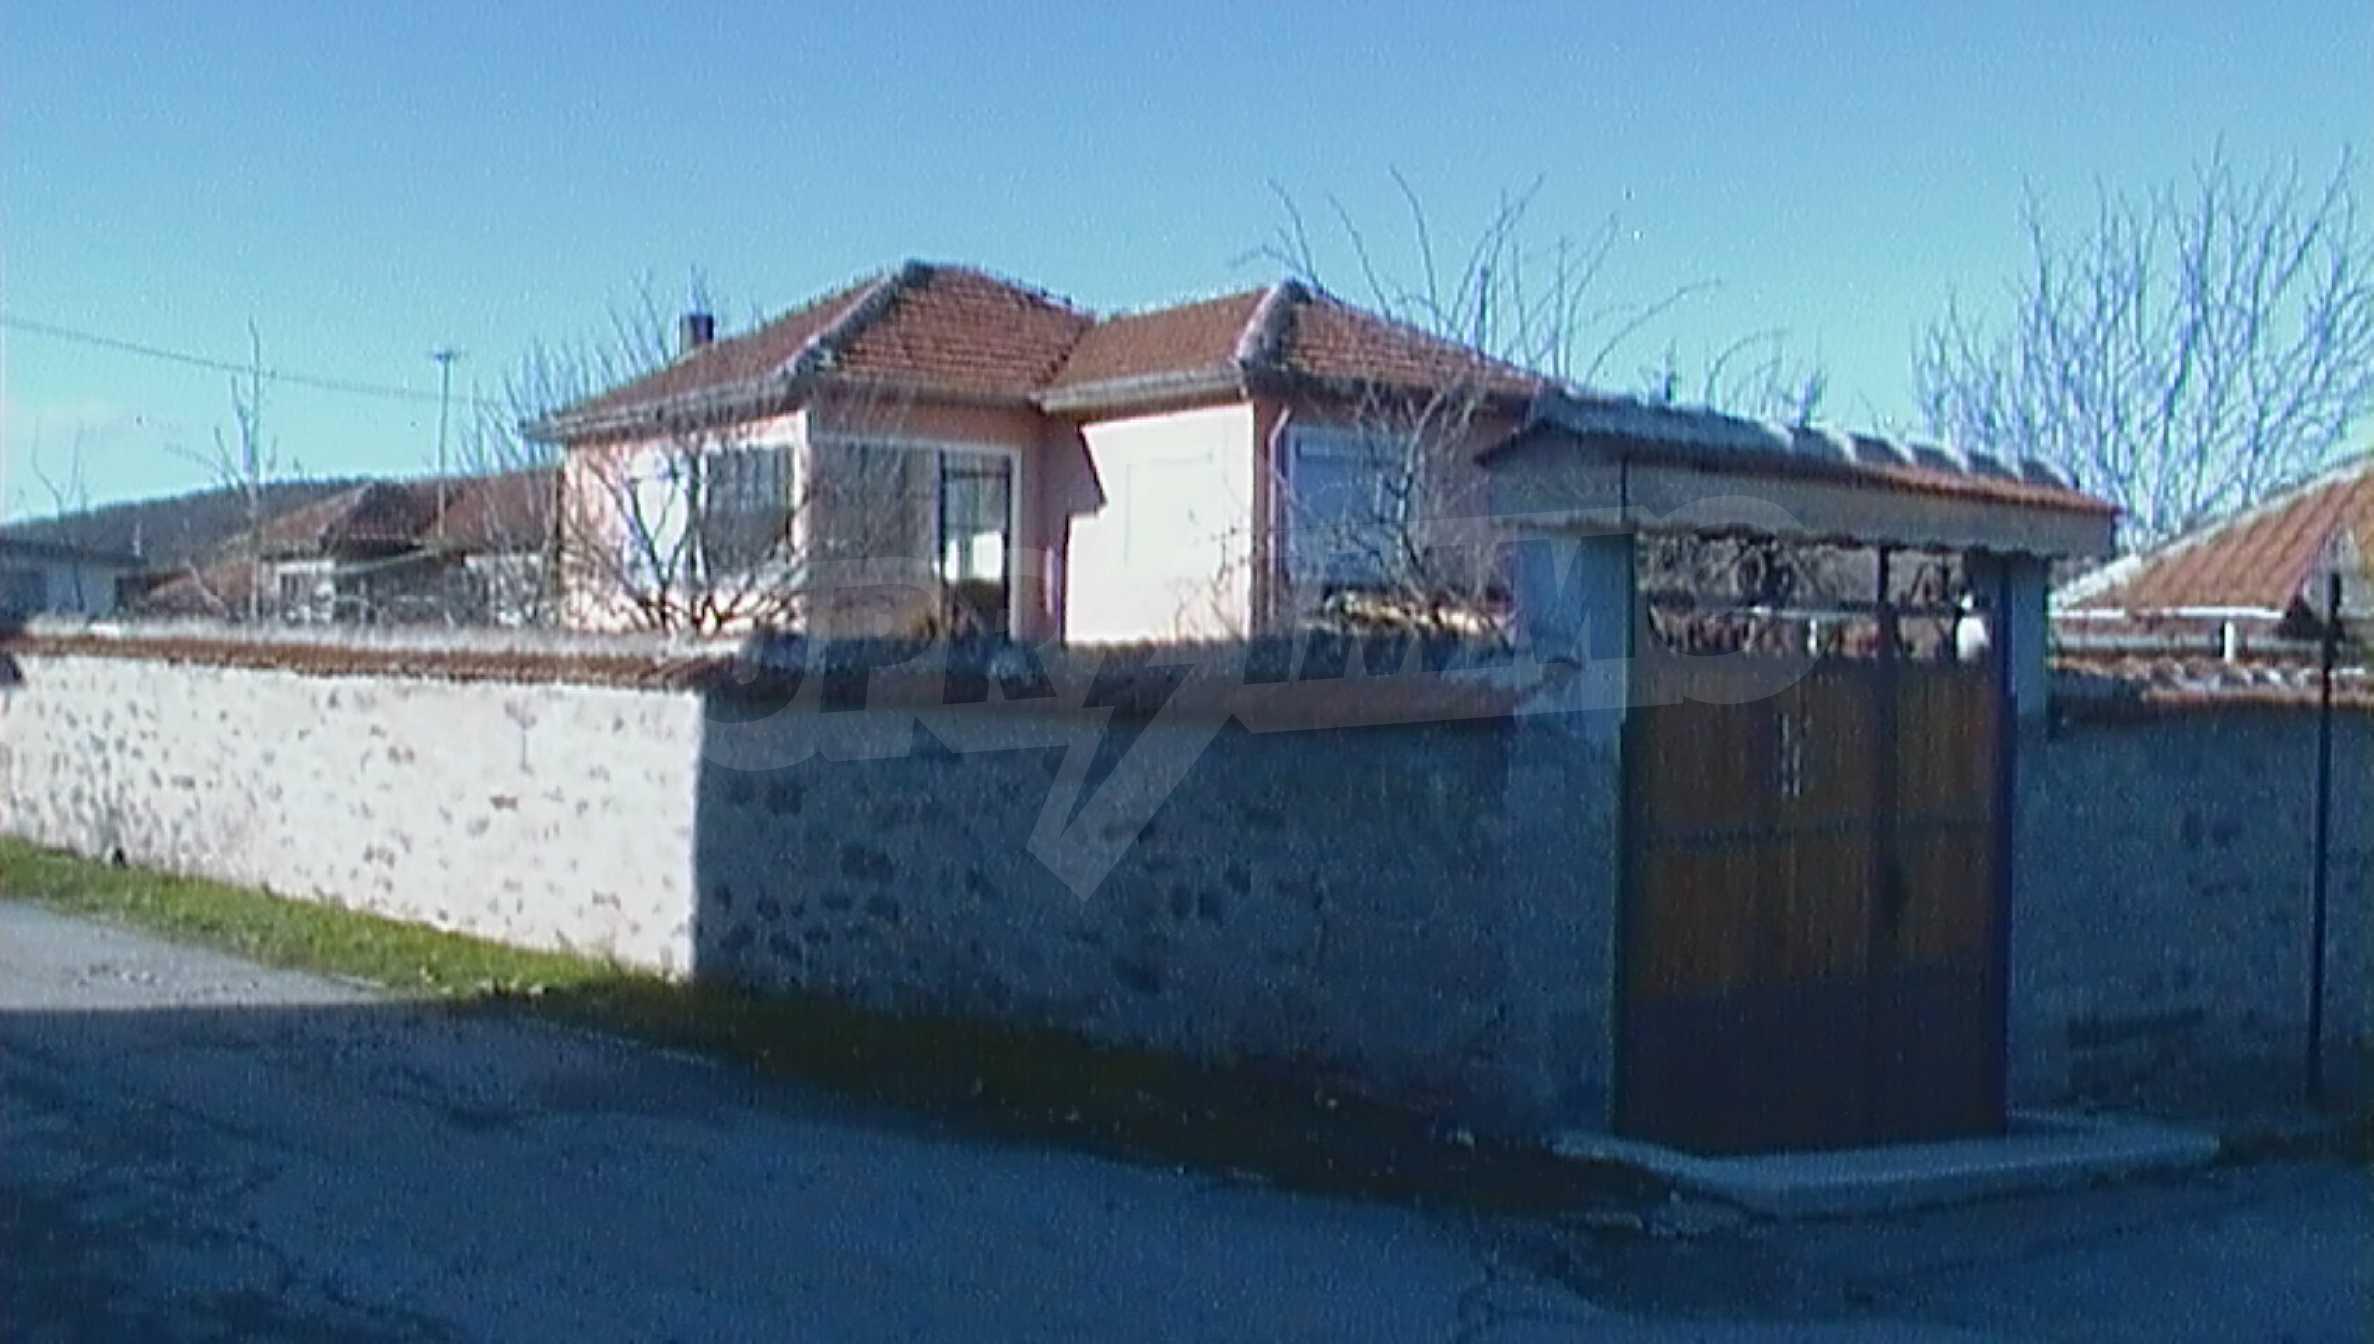 Ein solides zweistöckiges Haus in einem ruhigen Dorf in der Nähe von Kurort und Haskovo 23